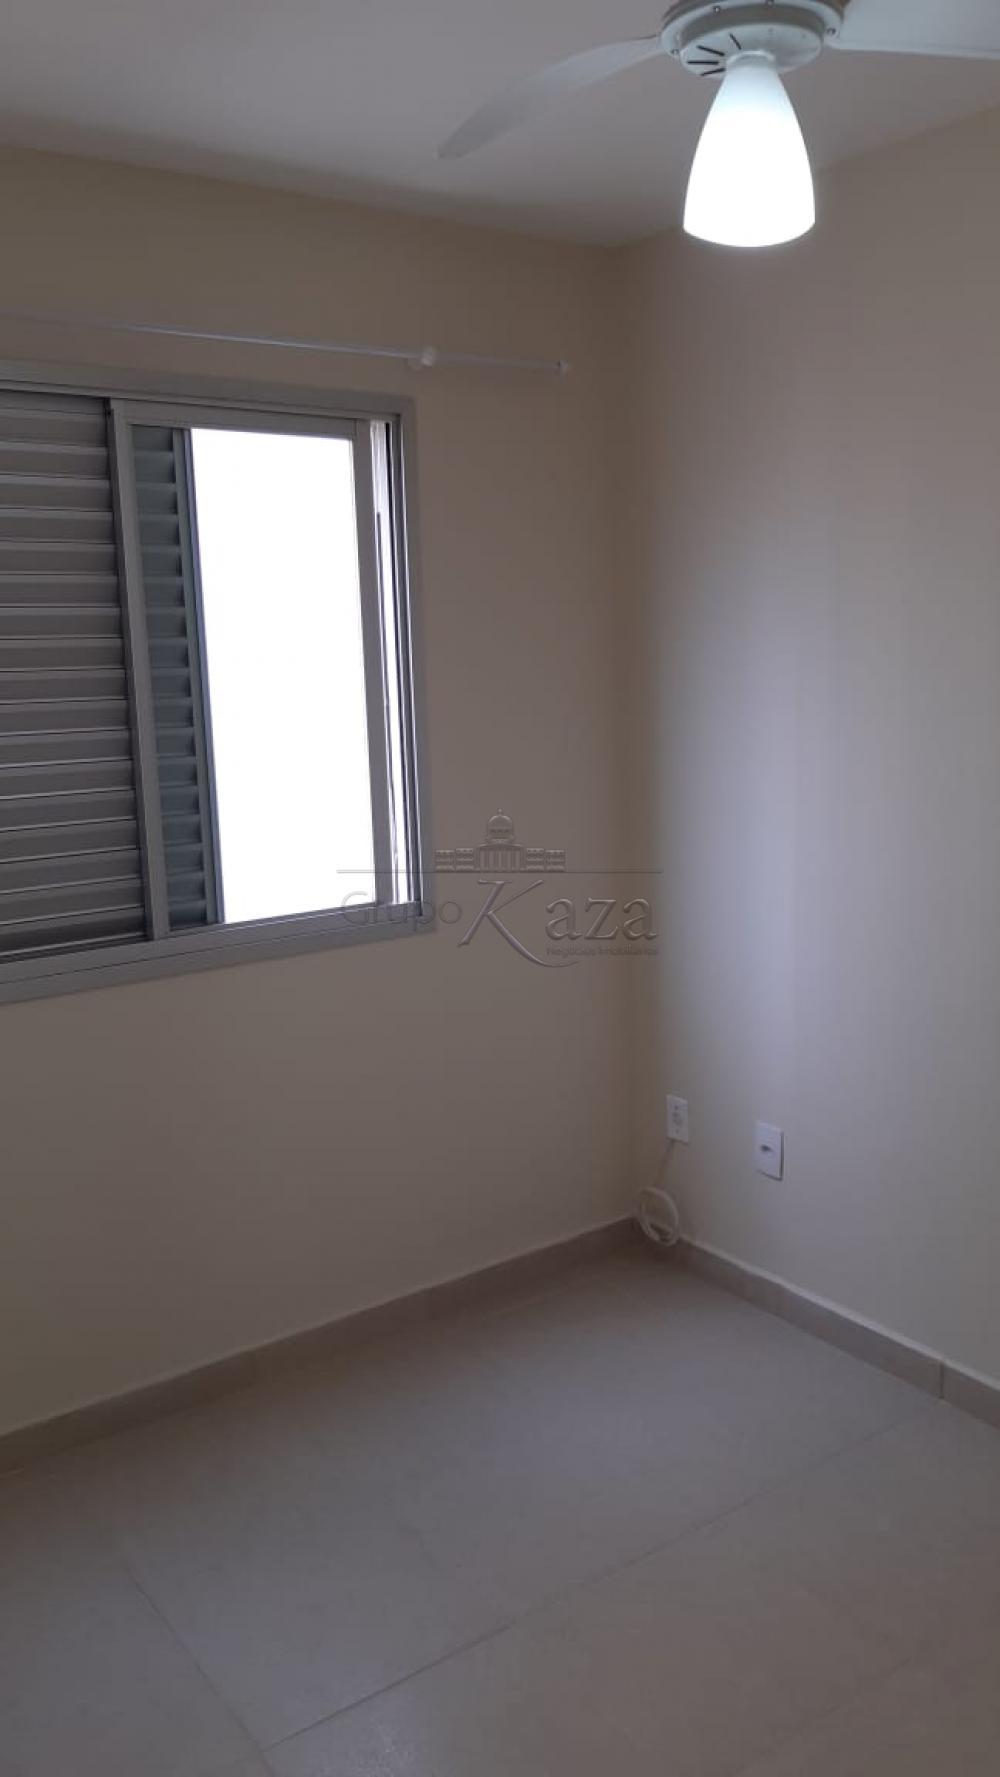 Alugar Apartamento / Padrão em São José dos Campos apenas R$ 900,00 - Foto 8